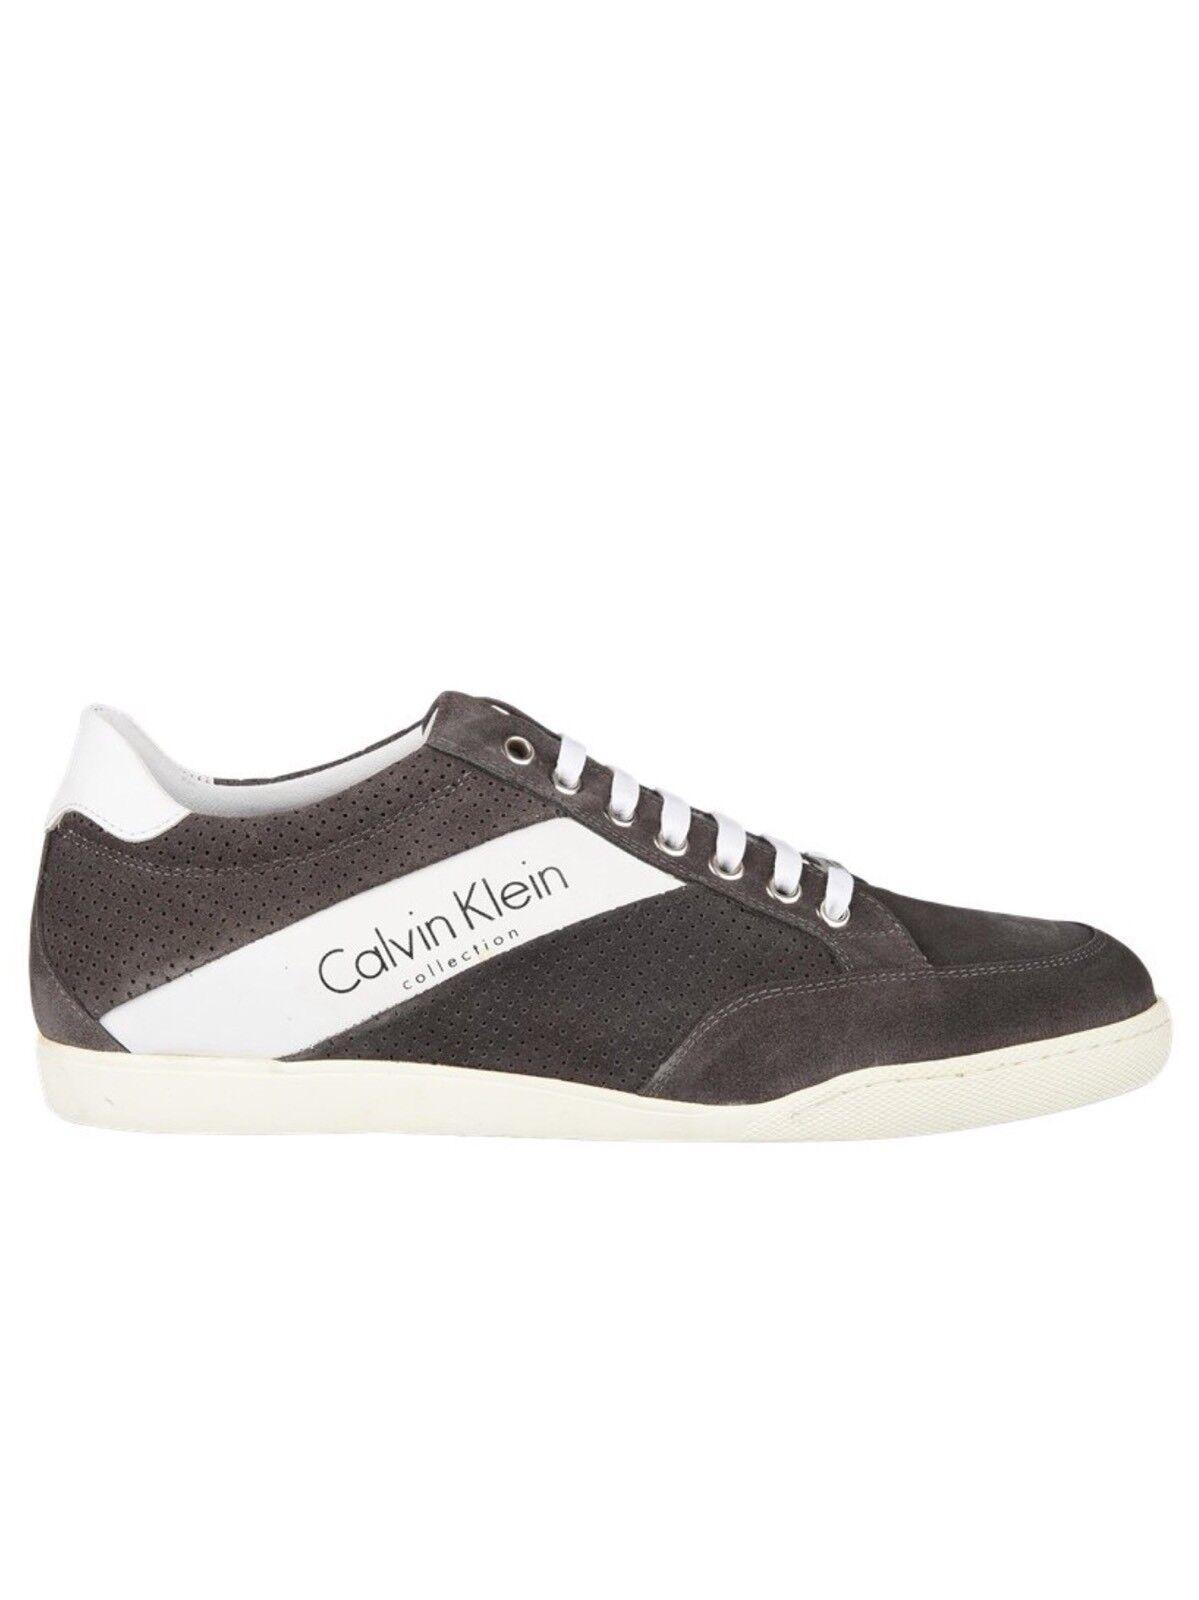 Original Schuhe Calvin Klein Sneaker Schuhe Original Größe 44 Neu b471da